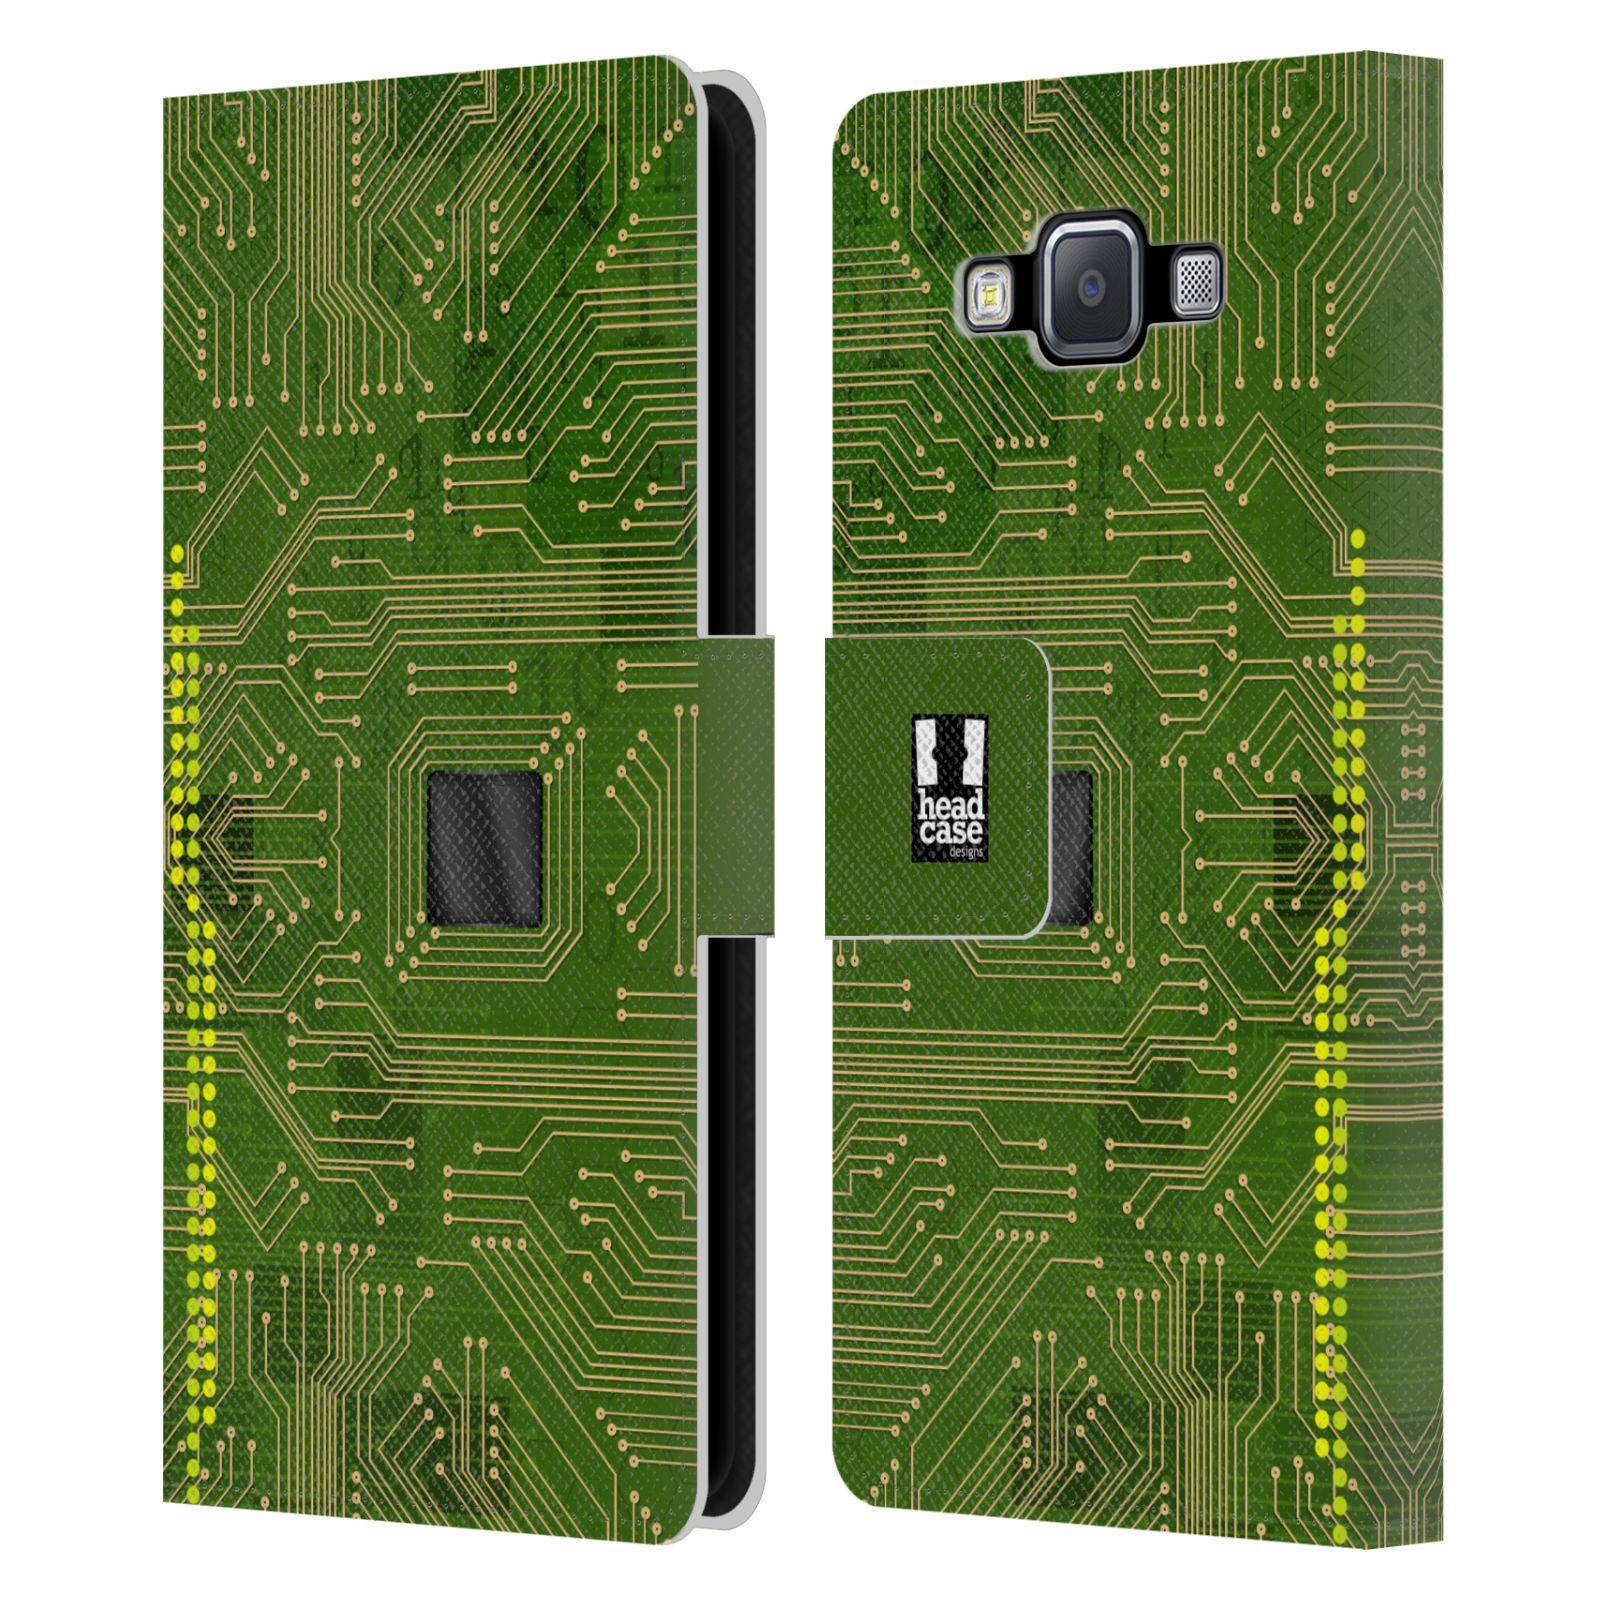 HEAD CASE Flipové pouzdro pro mobil Samsung Galaxy A5 počítač základní deska zelená barva